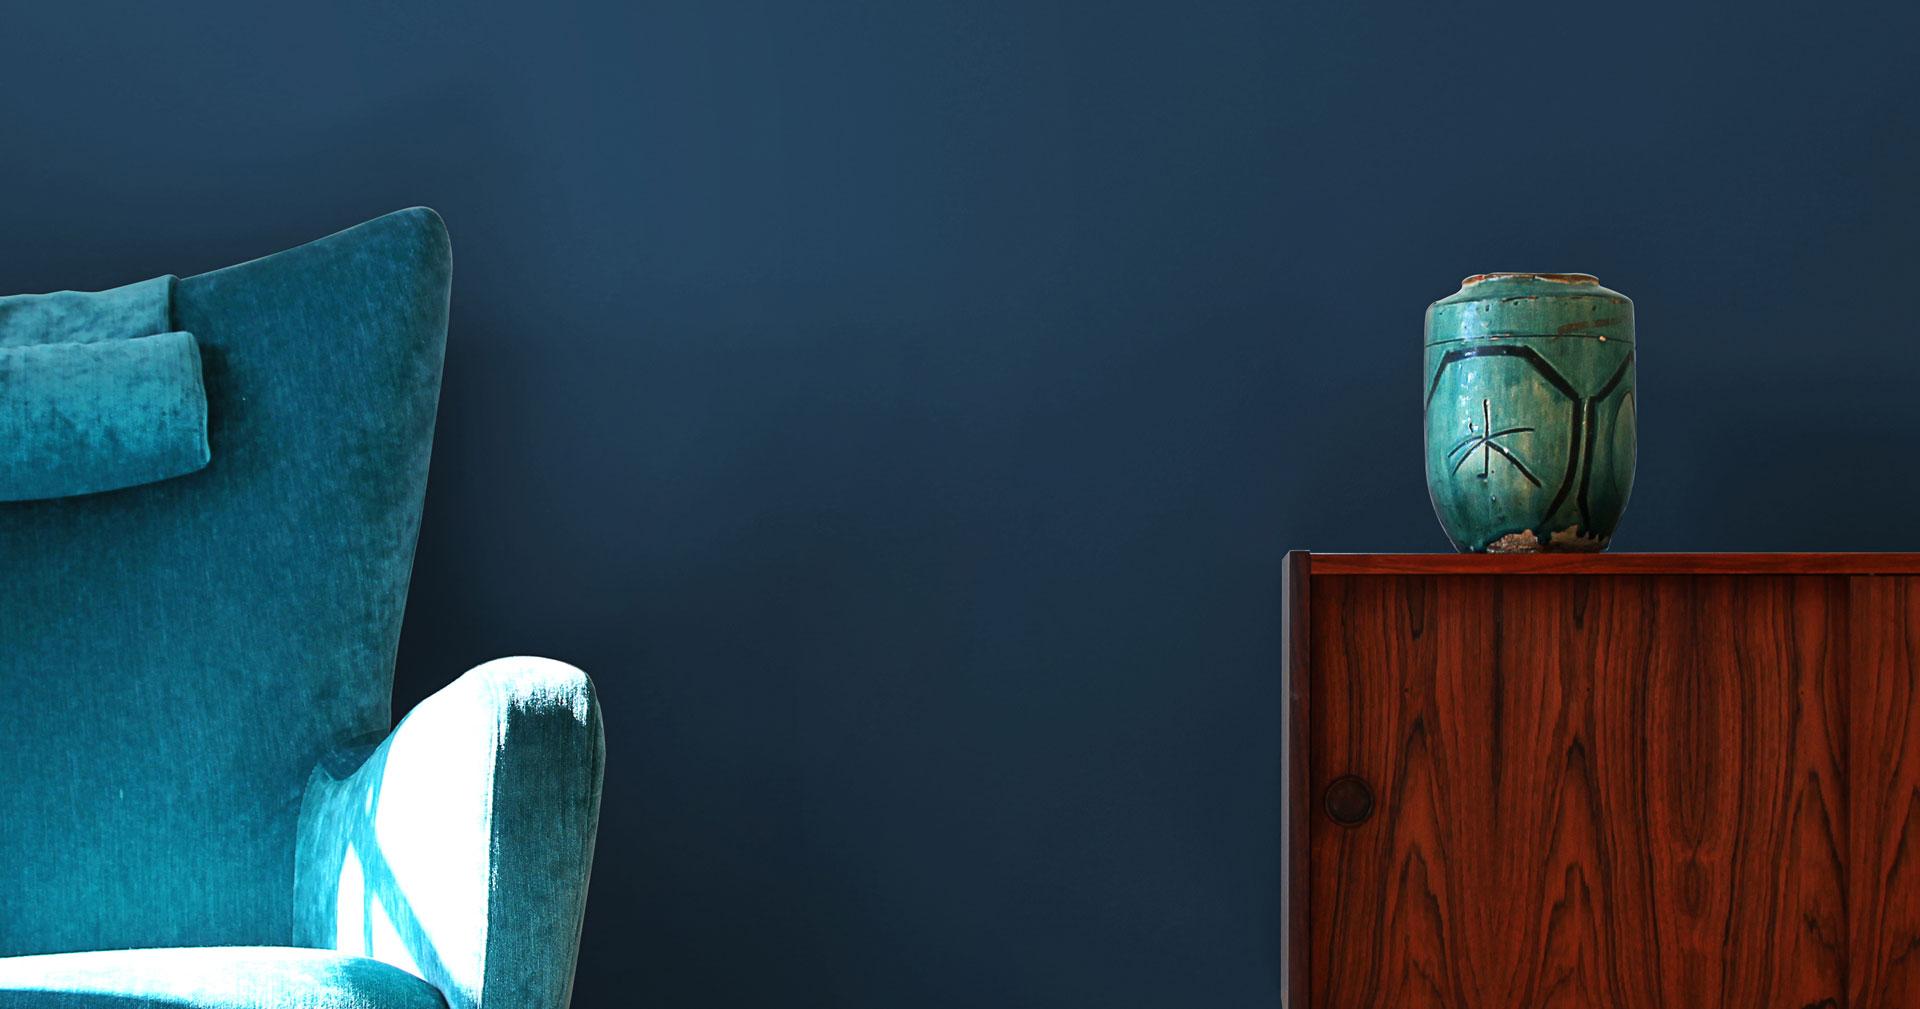 FENG SHUI - Energie im fluss | beratung - hamburg - schlafzimmer - kueche - arbeitszimmer - eingang - garten - brunnen - farben - elemente - einrichten - ruhe - gelassenheit - feng shui ausbildung | 02 Sessel